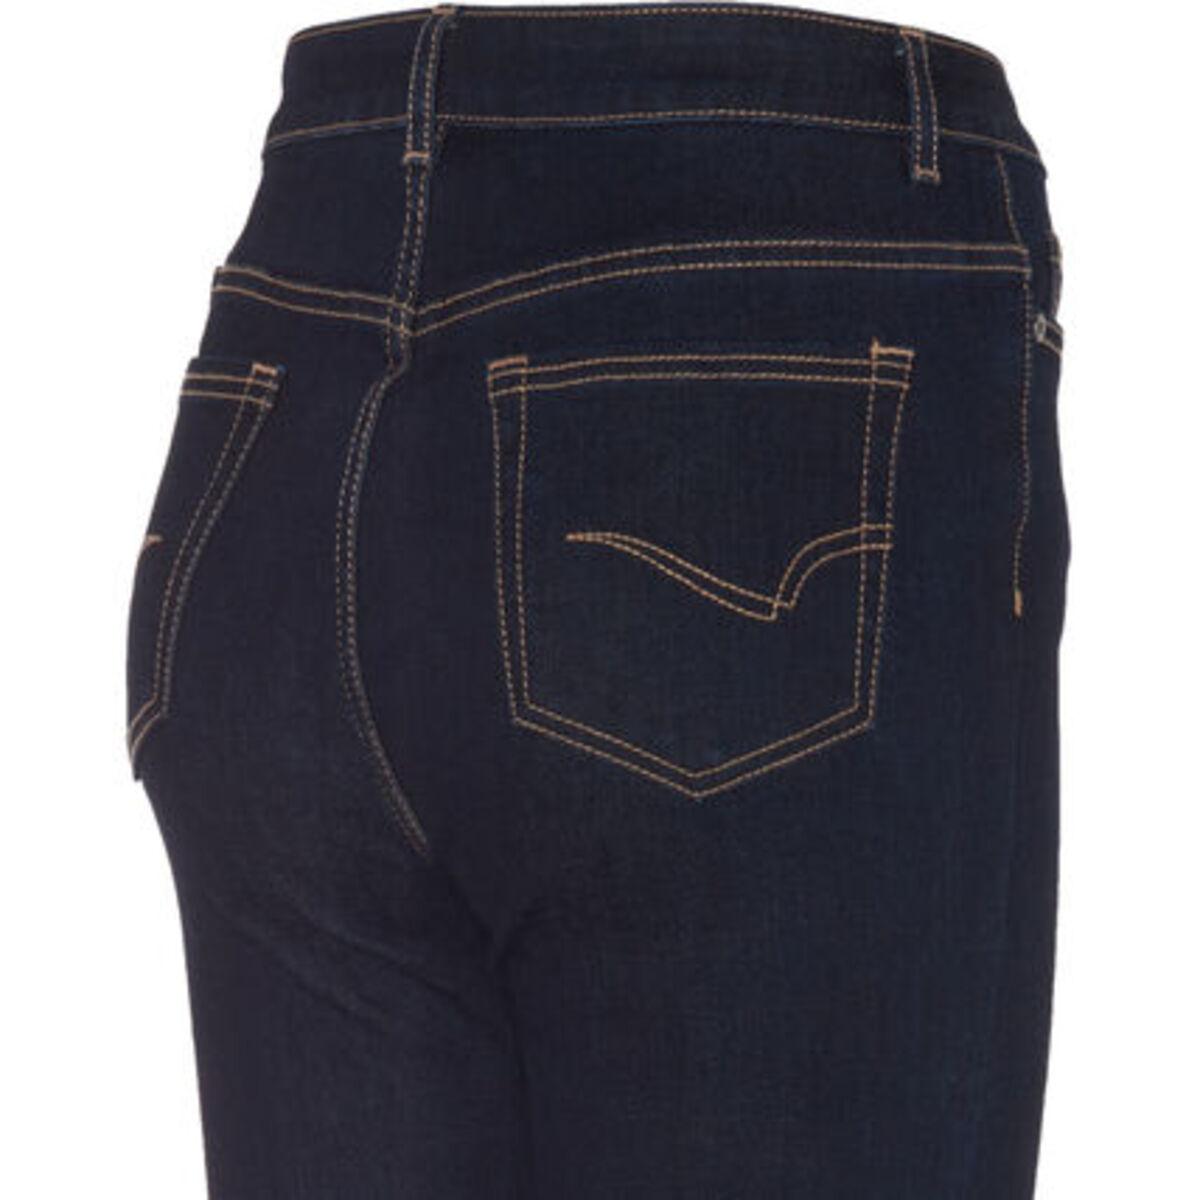 Bild 4 von MANGUUN Jeans, Skinny Fit, Kontrastnähte, für Damen